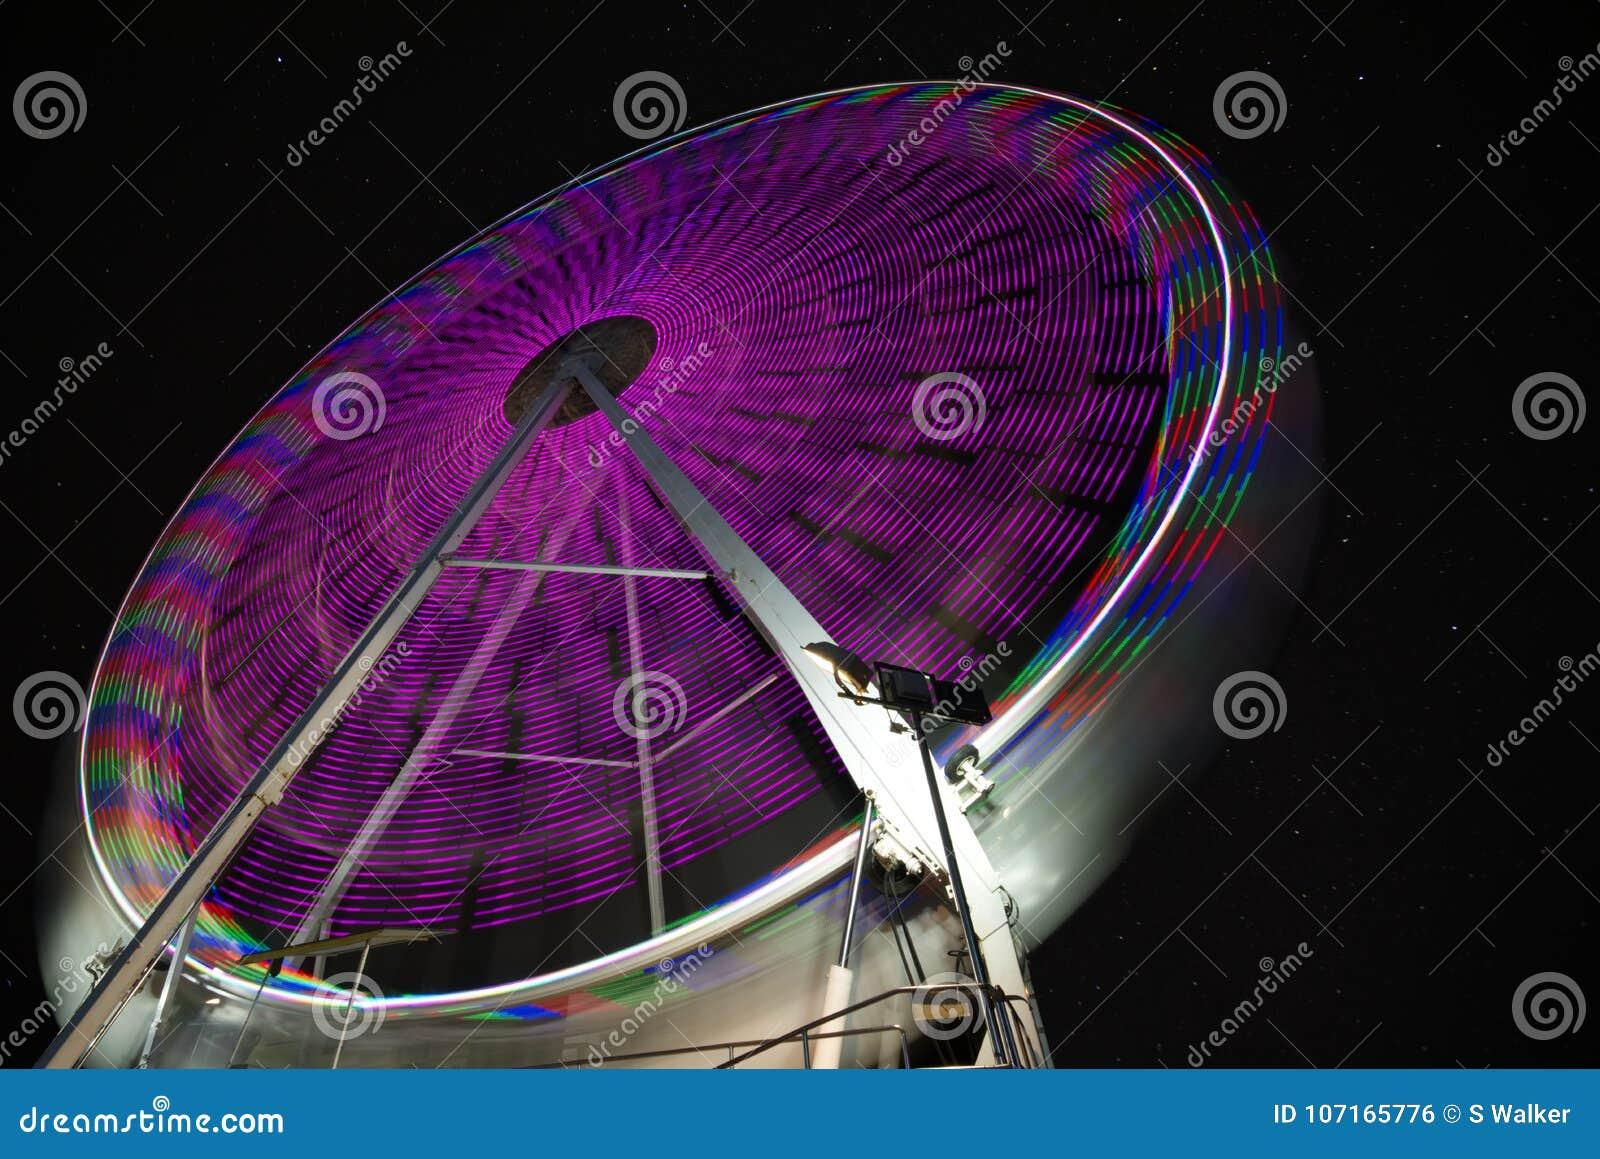 Звёздное небо за колесом ferris выдержка длиной